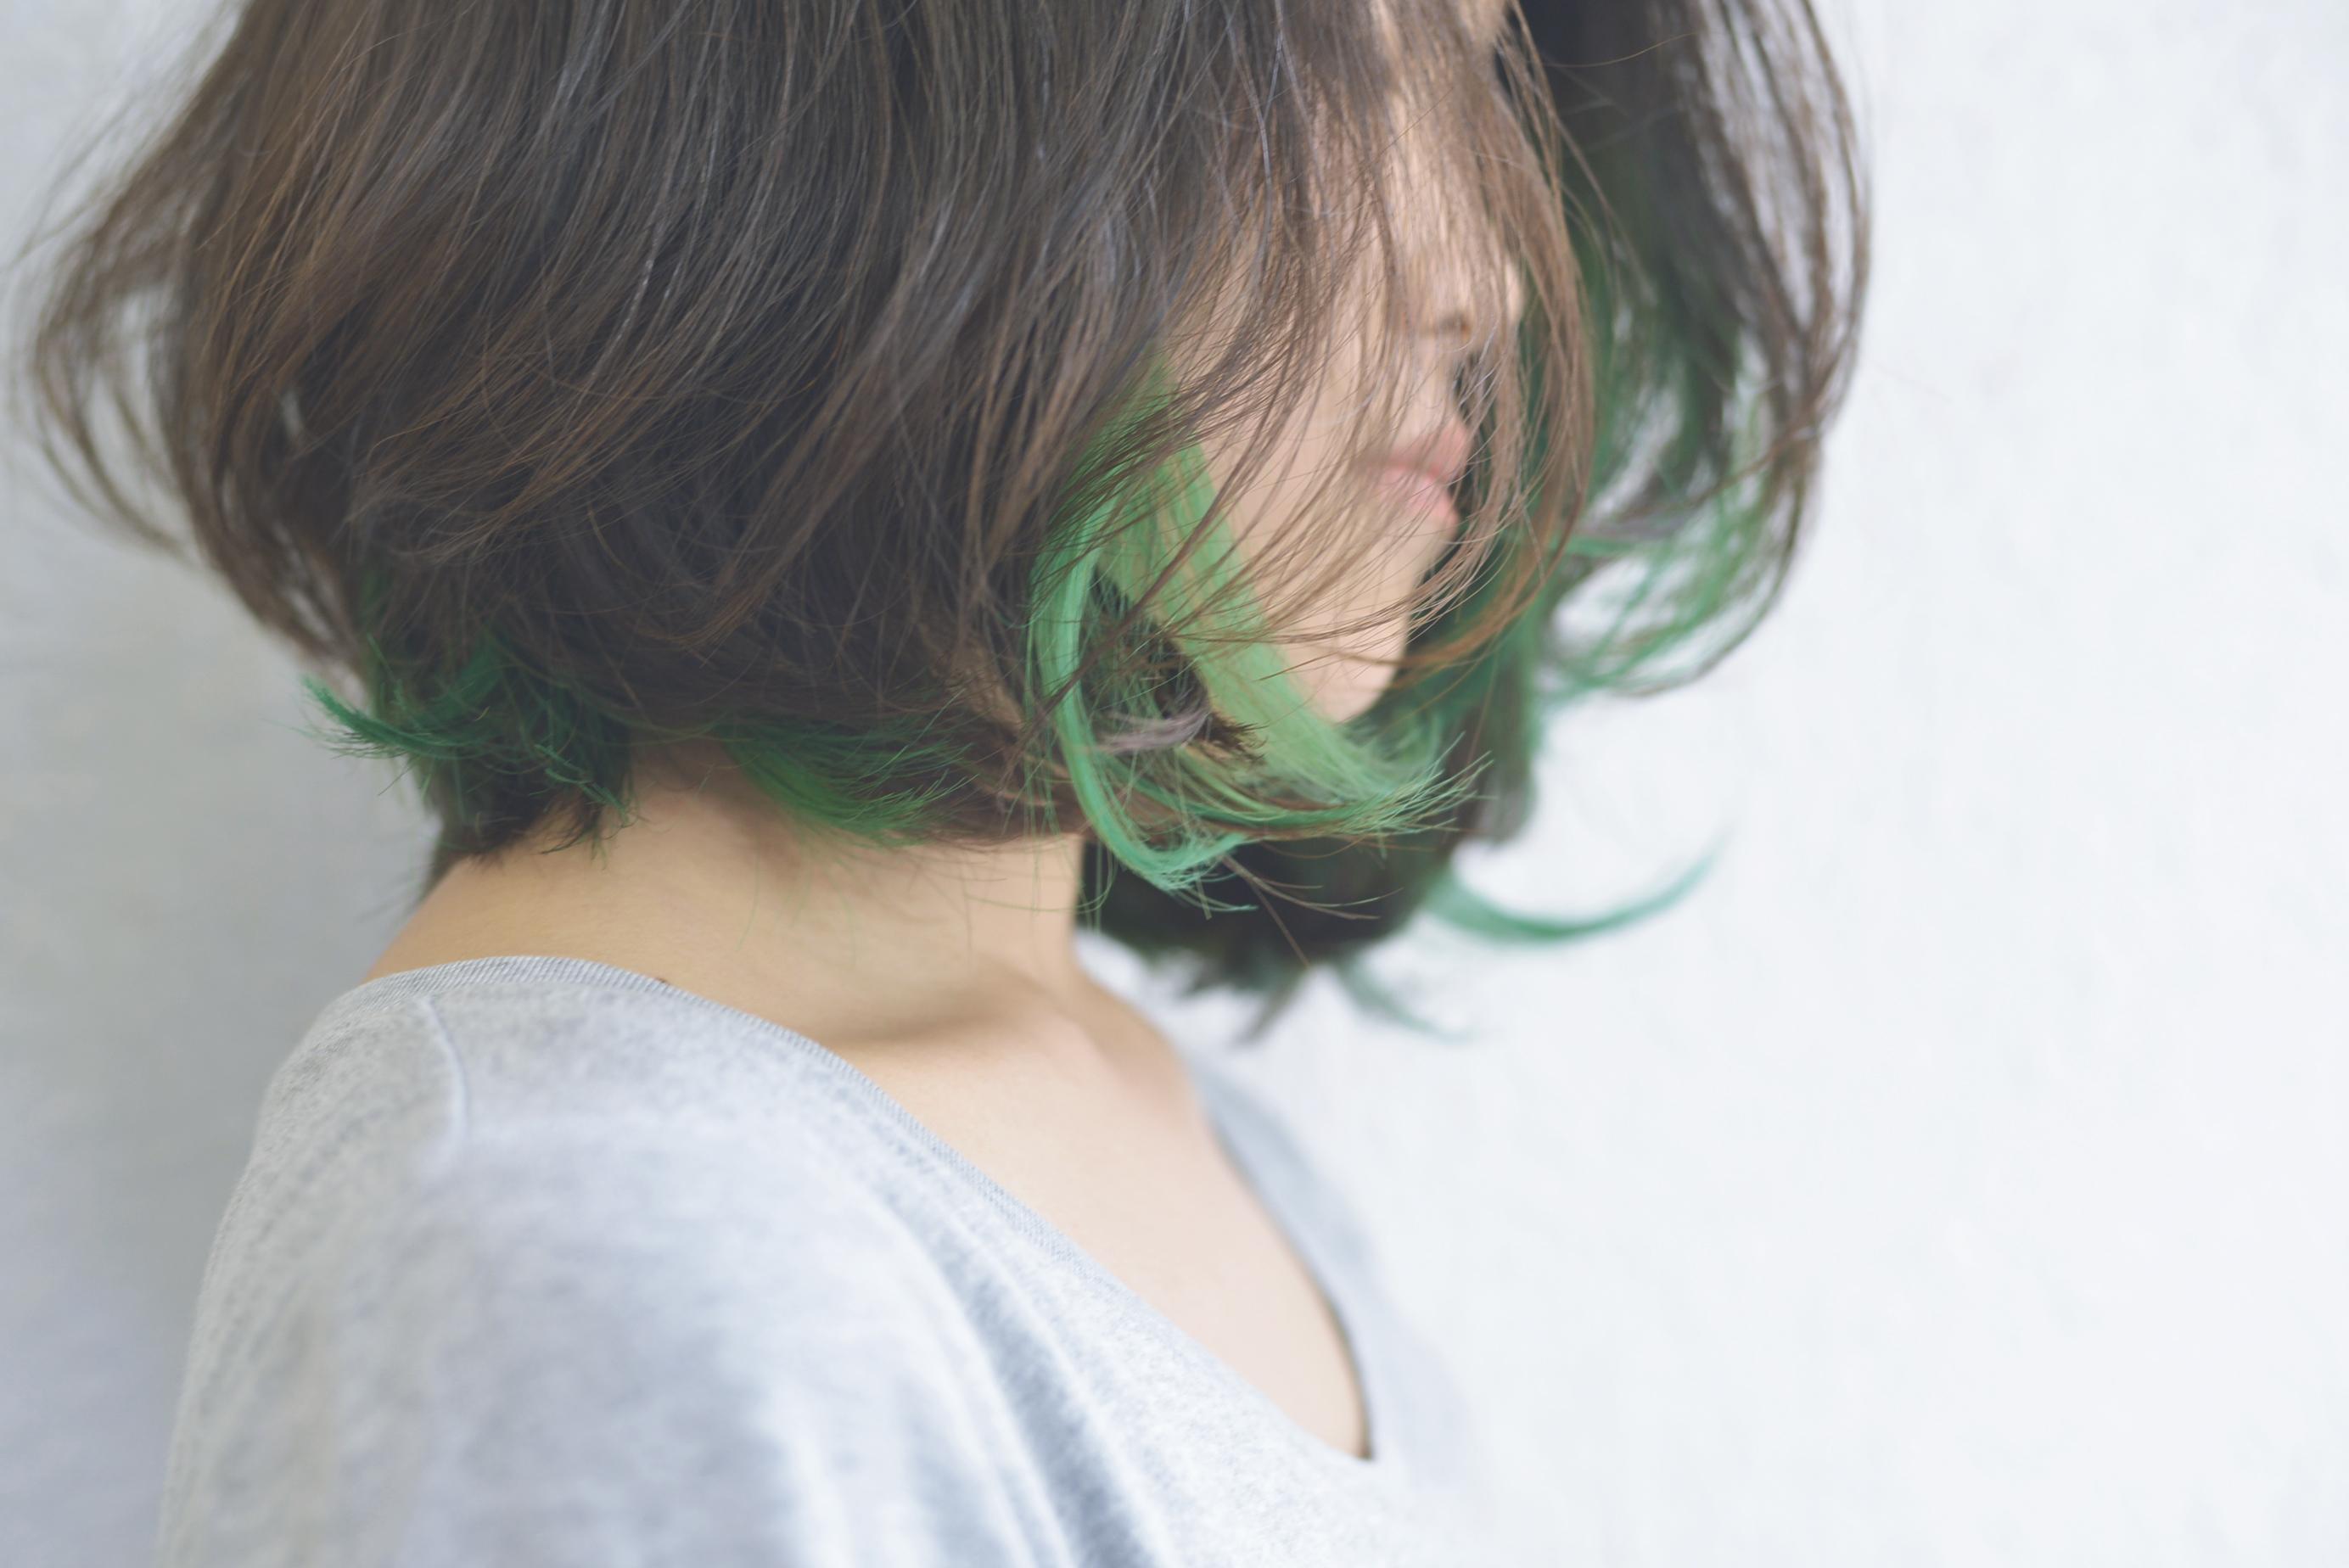 ヘアカラーの使い方を間違えると大変なことに!髪が緑になる理由のサムネイル画像